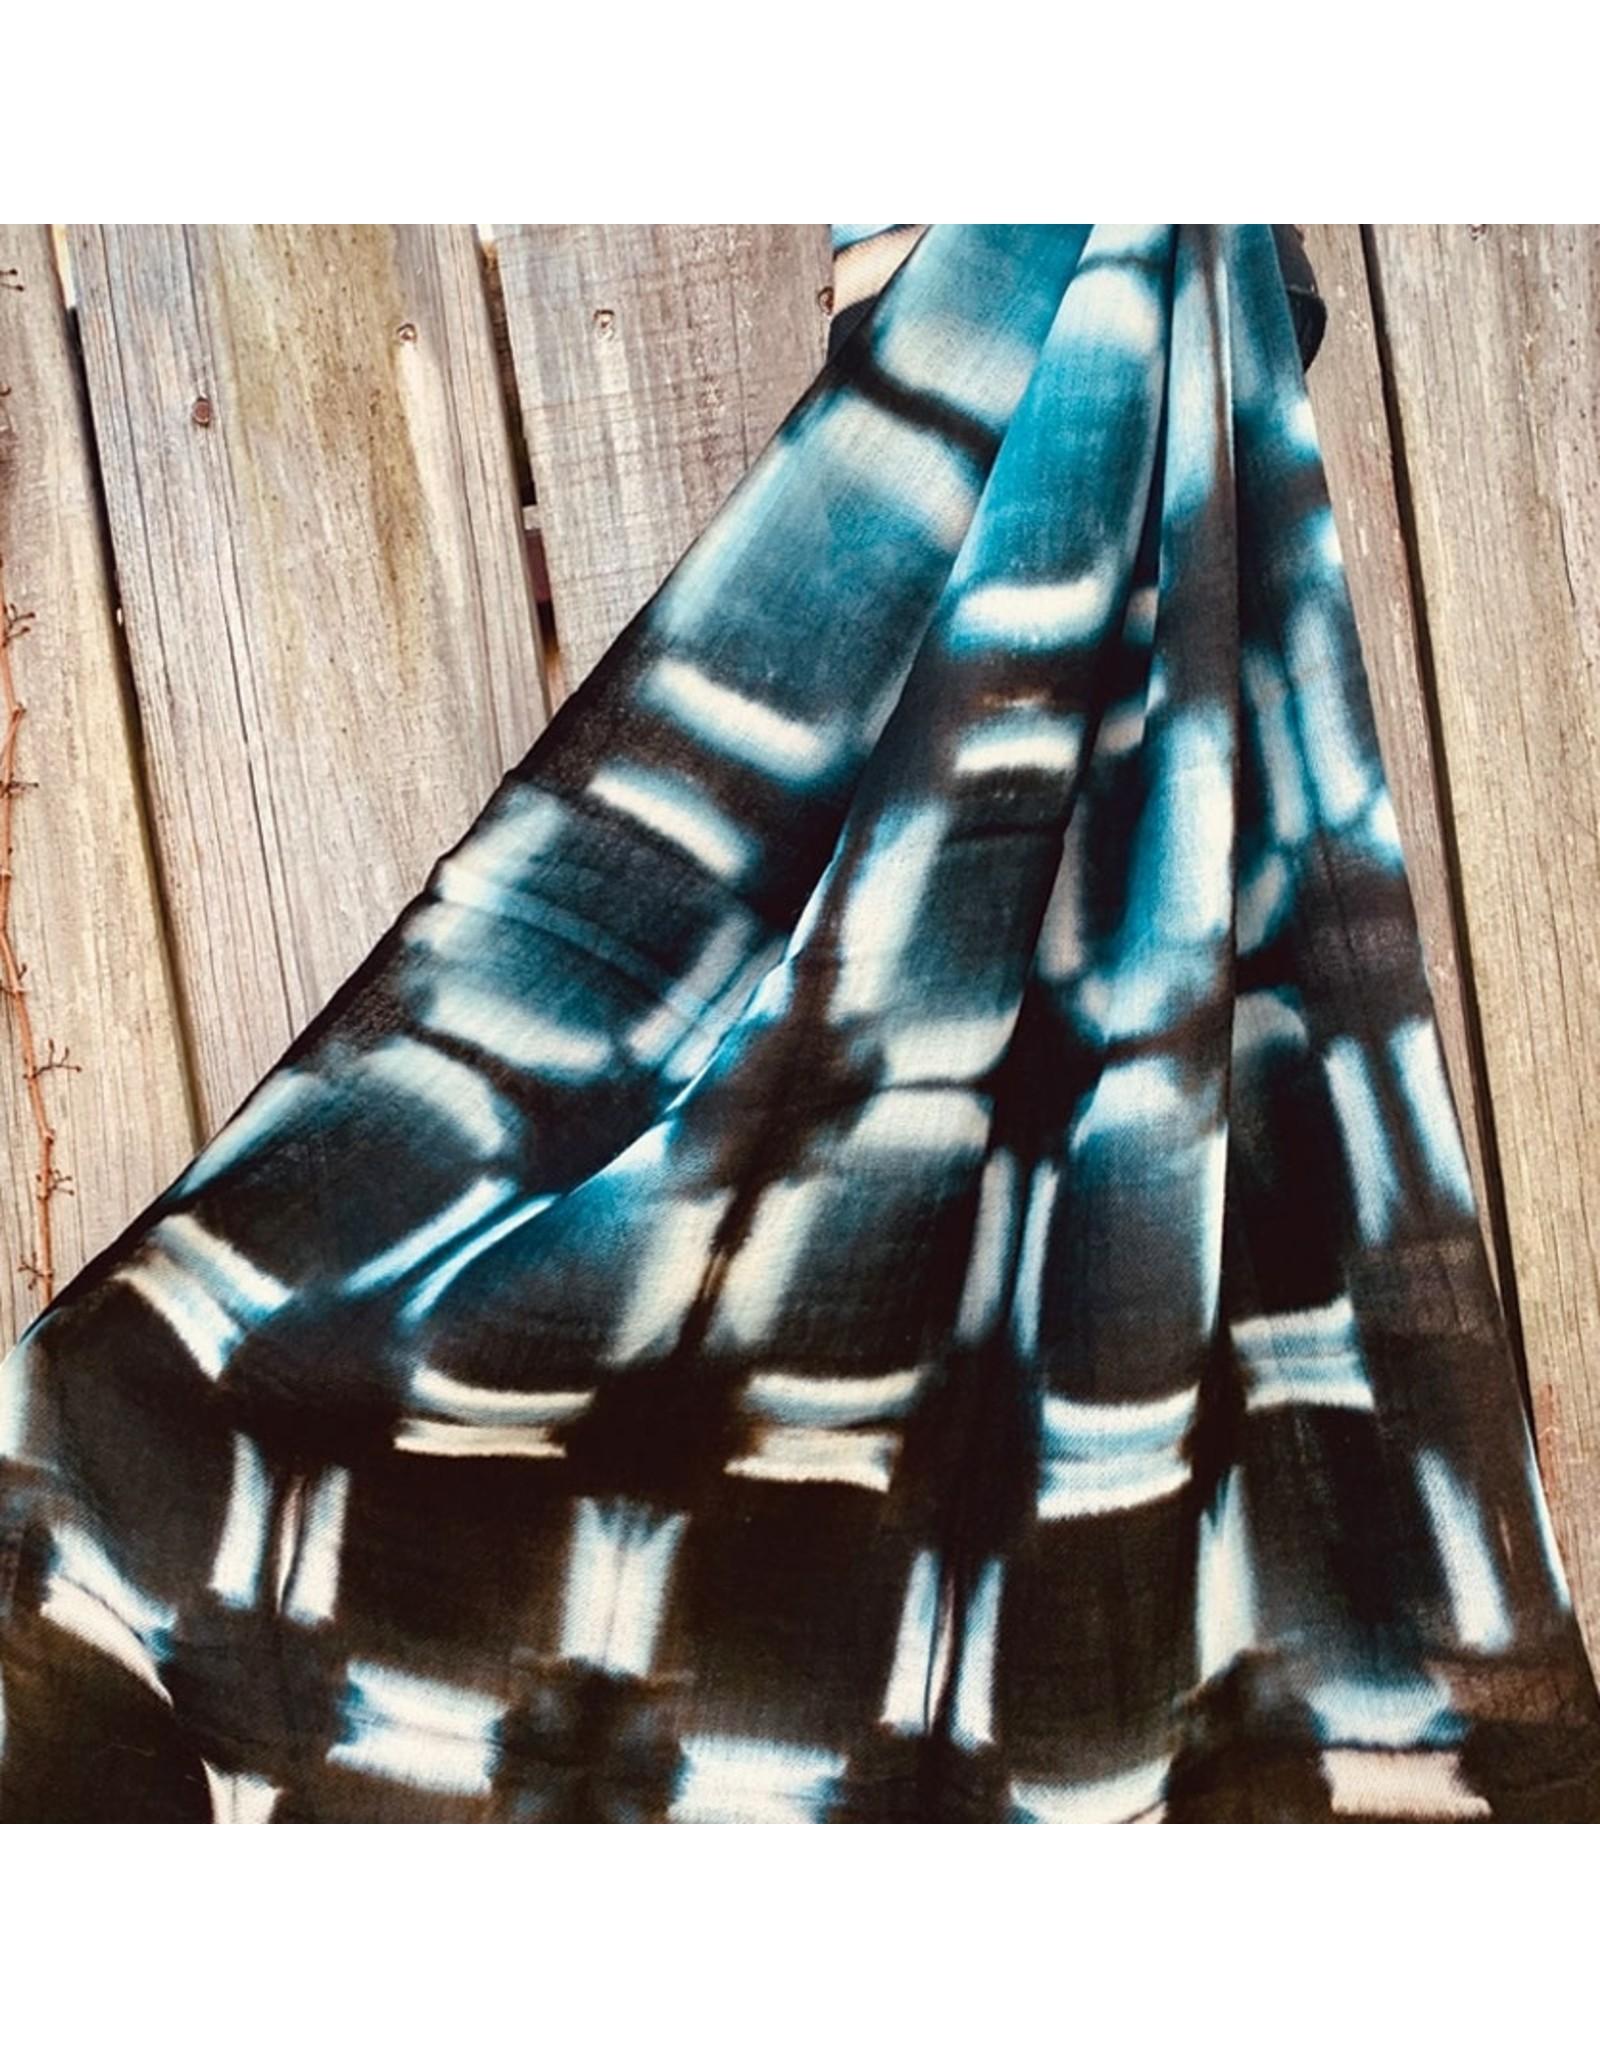 Shibori Hand Dyed Wool Shawl